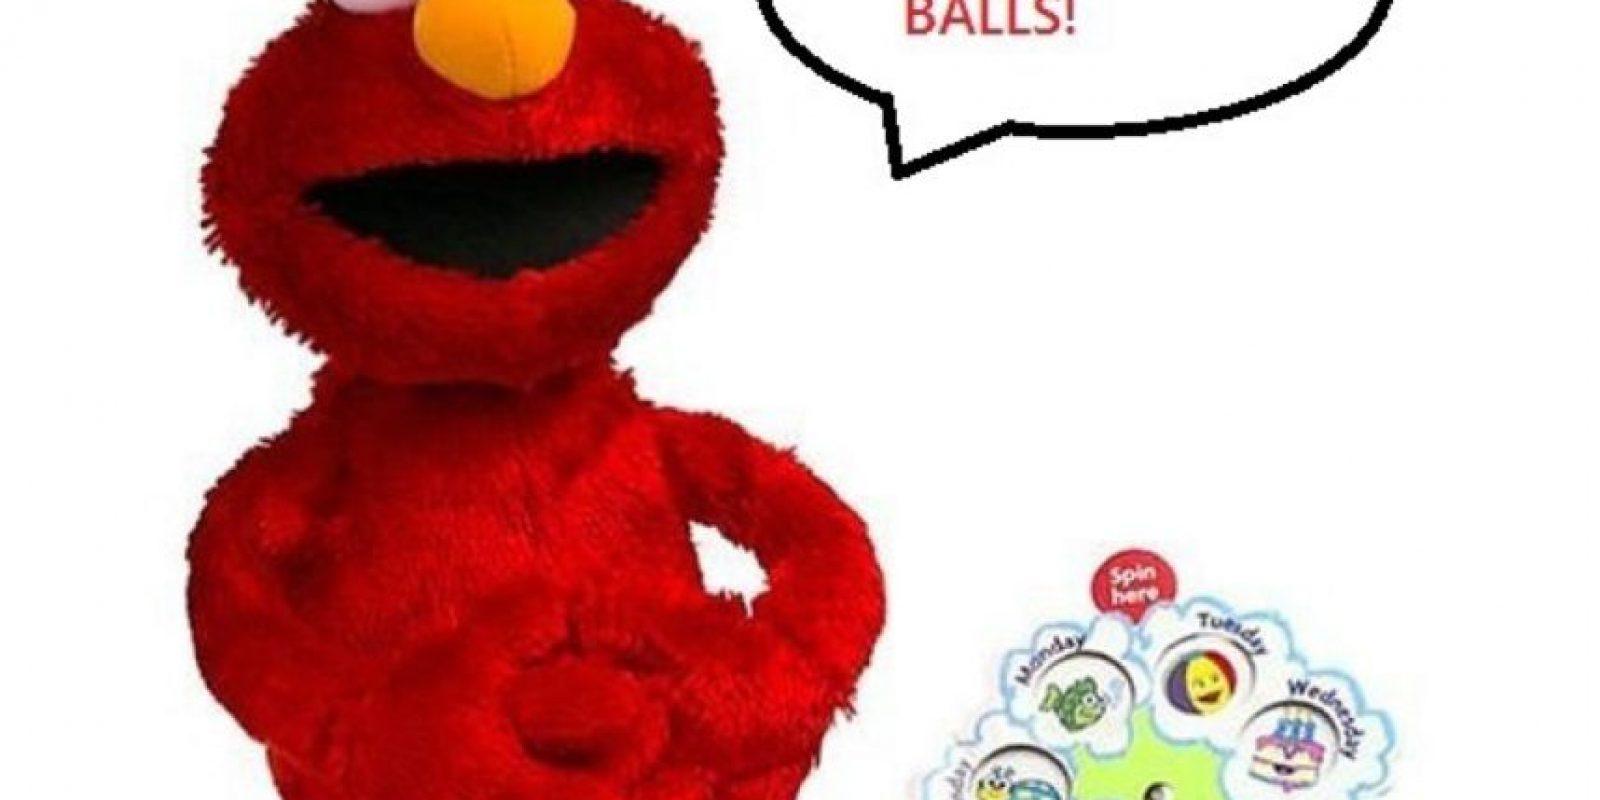 Elmo ama las pelotas. Sí, las pelotas. Foto:Reddit